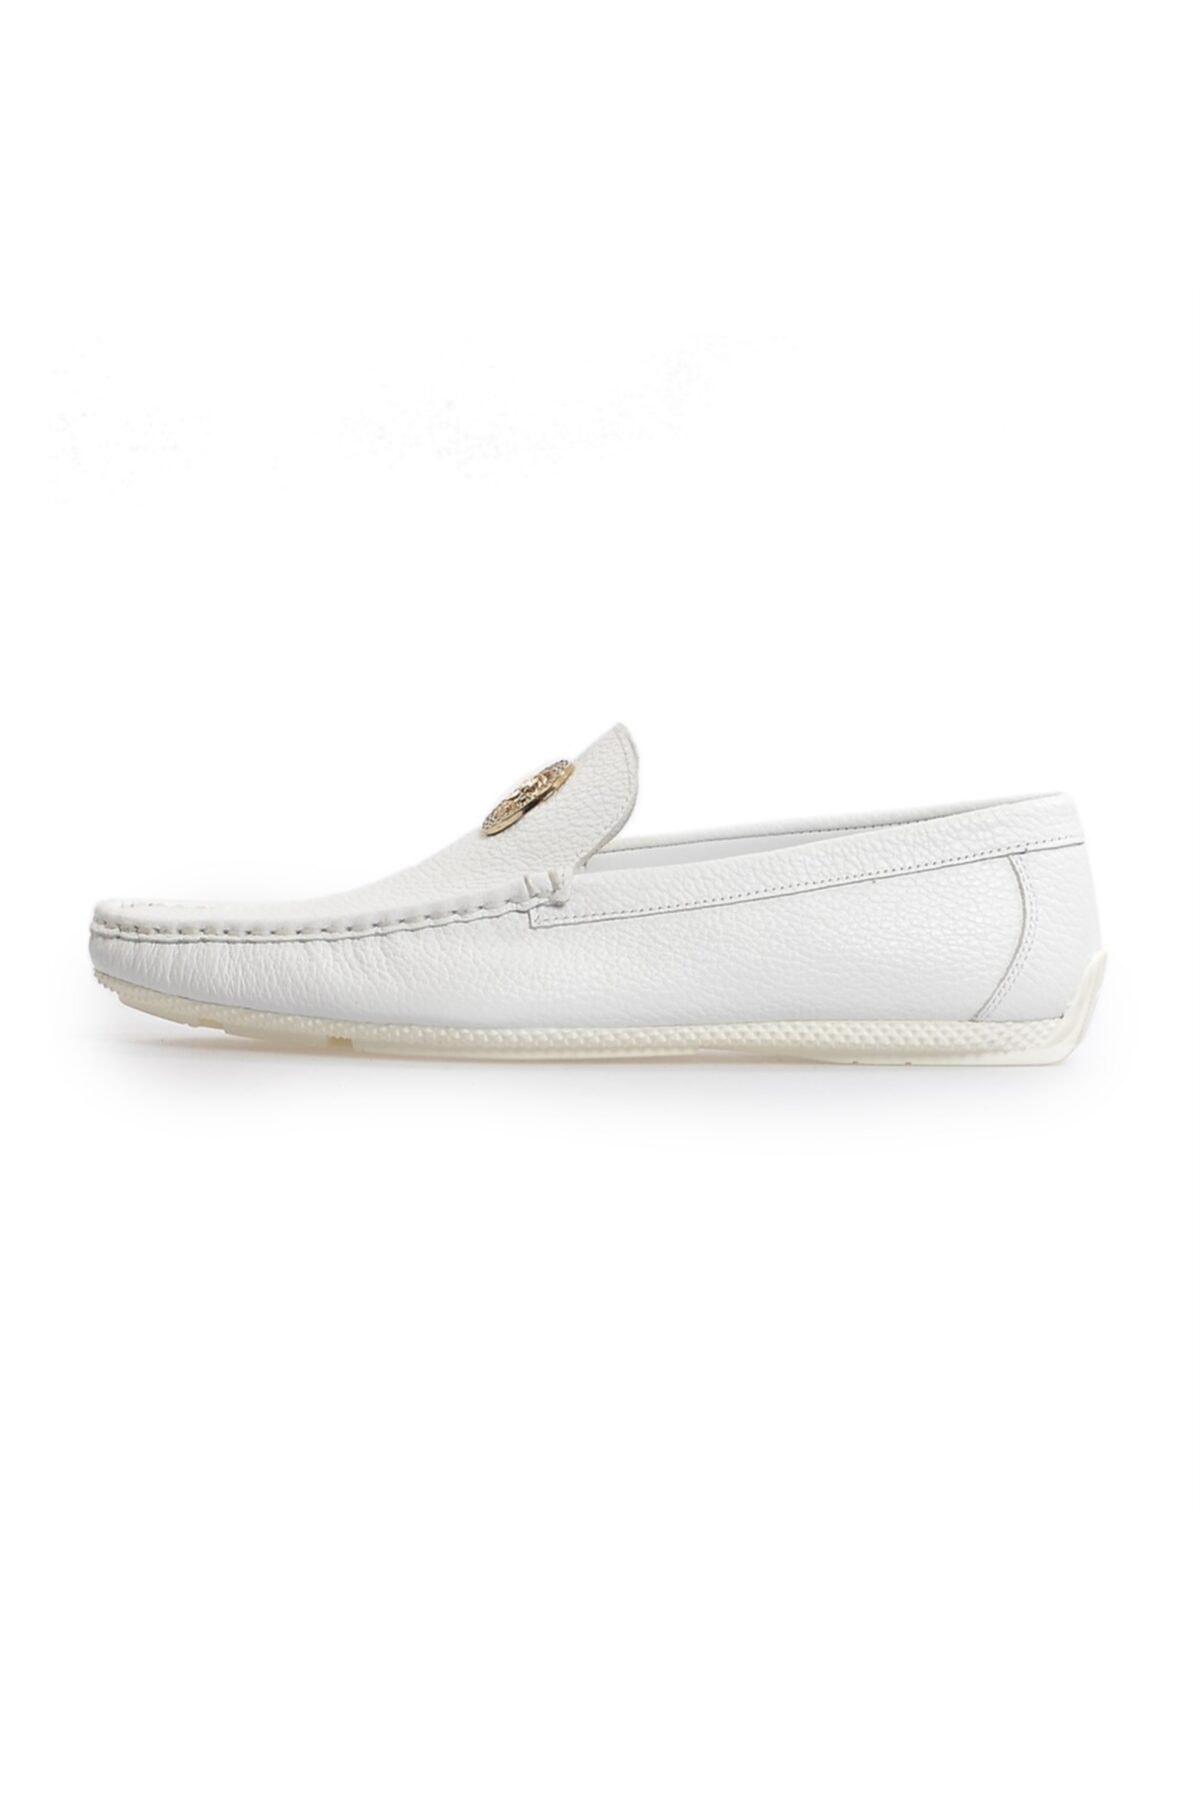 Flower Beyaz Deri Toka Detaylı Loafer Ayakkabı 1